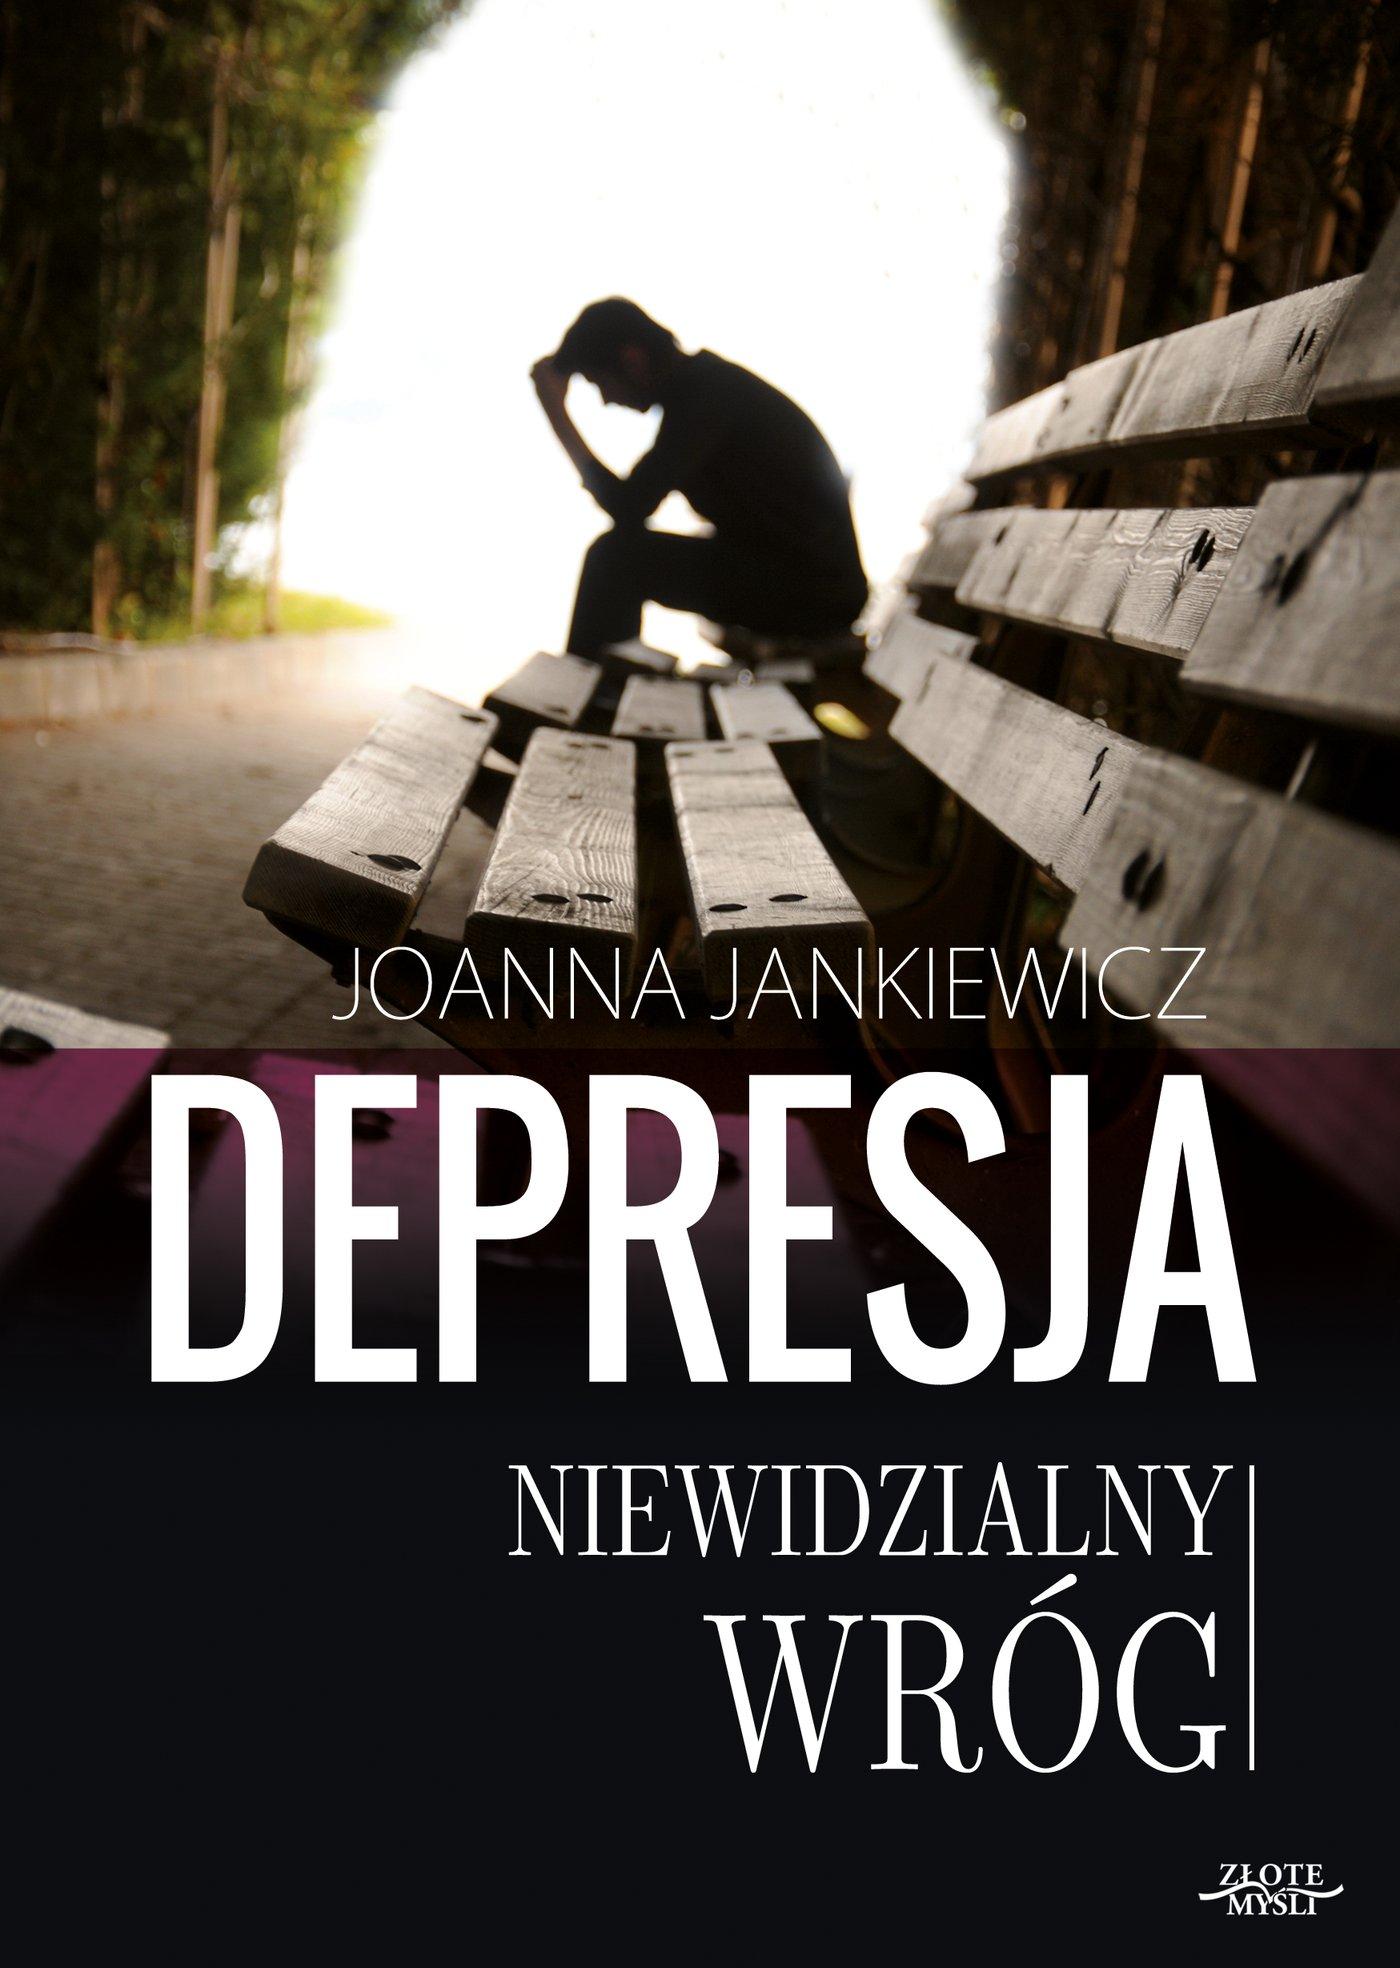 Depresja niewidzialny wróg - Ebook (Książka na Kindle) do pobrania w formacie MOBI